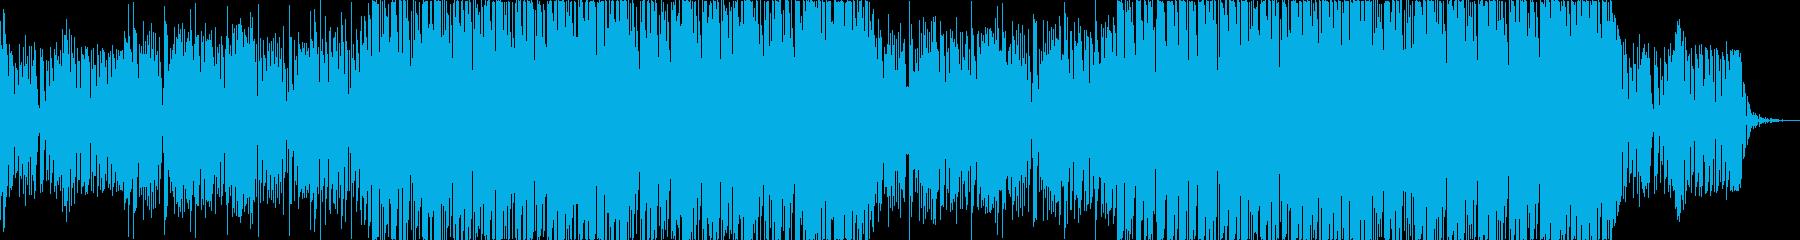 明るいコード感のデジタルポップの再生済みの波形